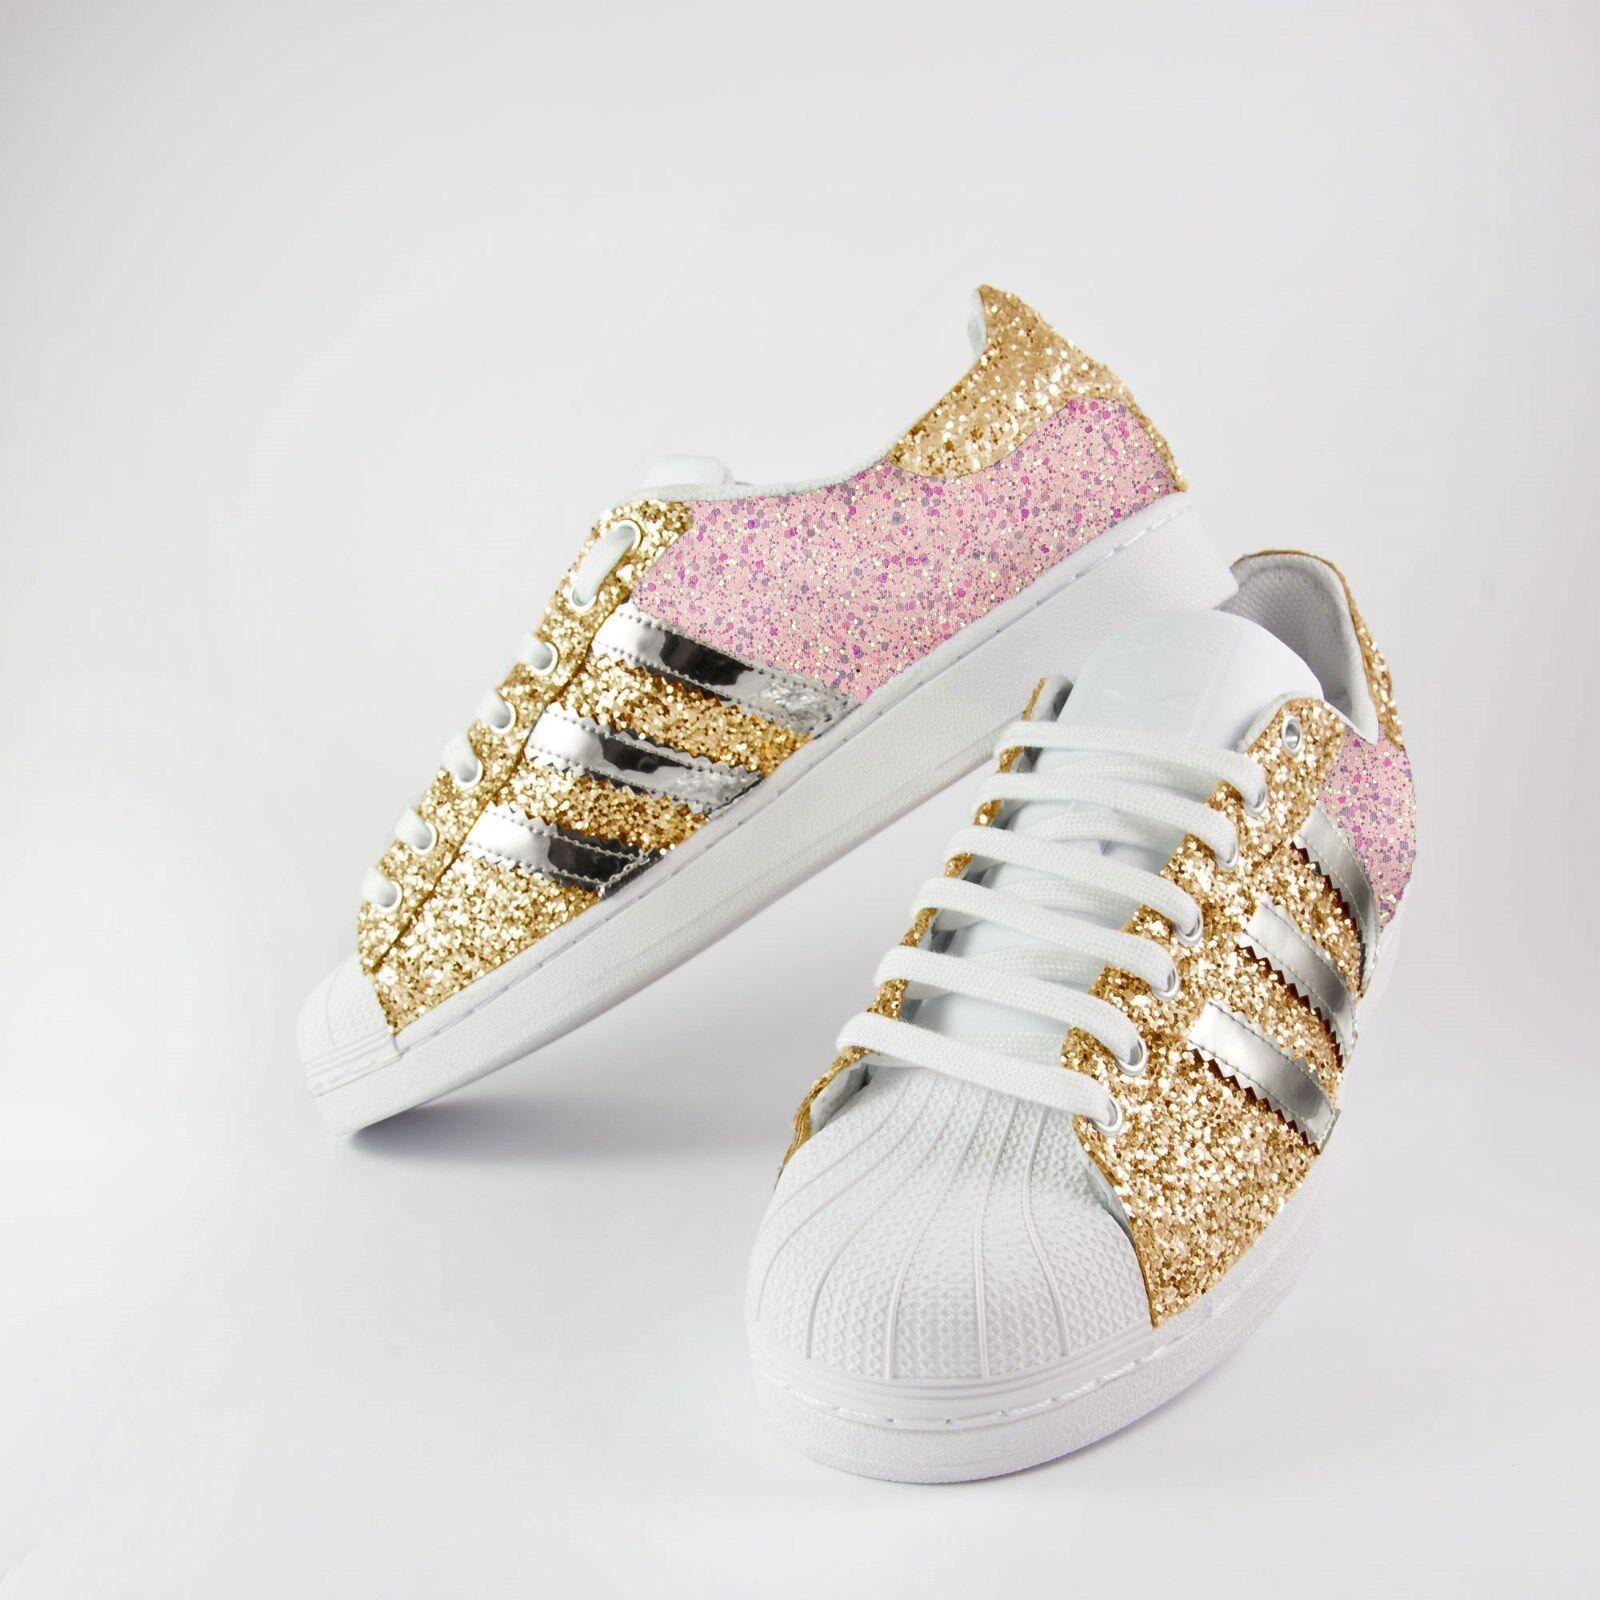 scarpe adidas superstar piu' con glitter rosa + glitter oro piu' superstar specchiato argento e61d57